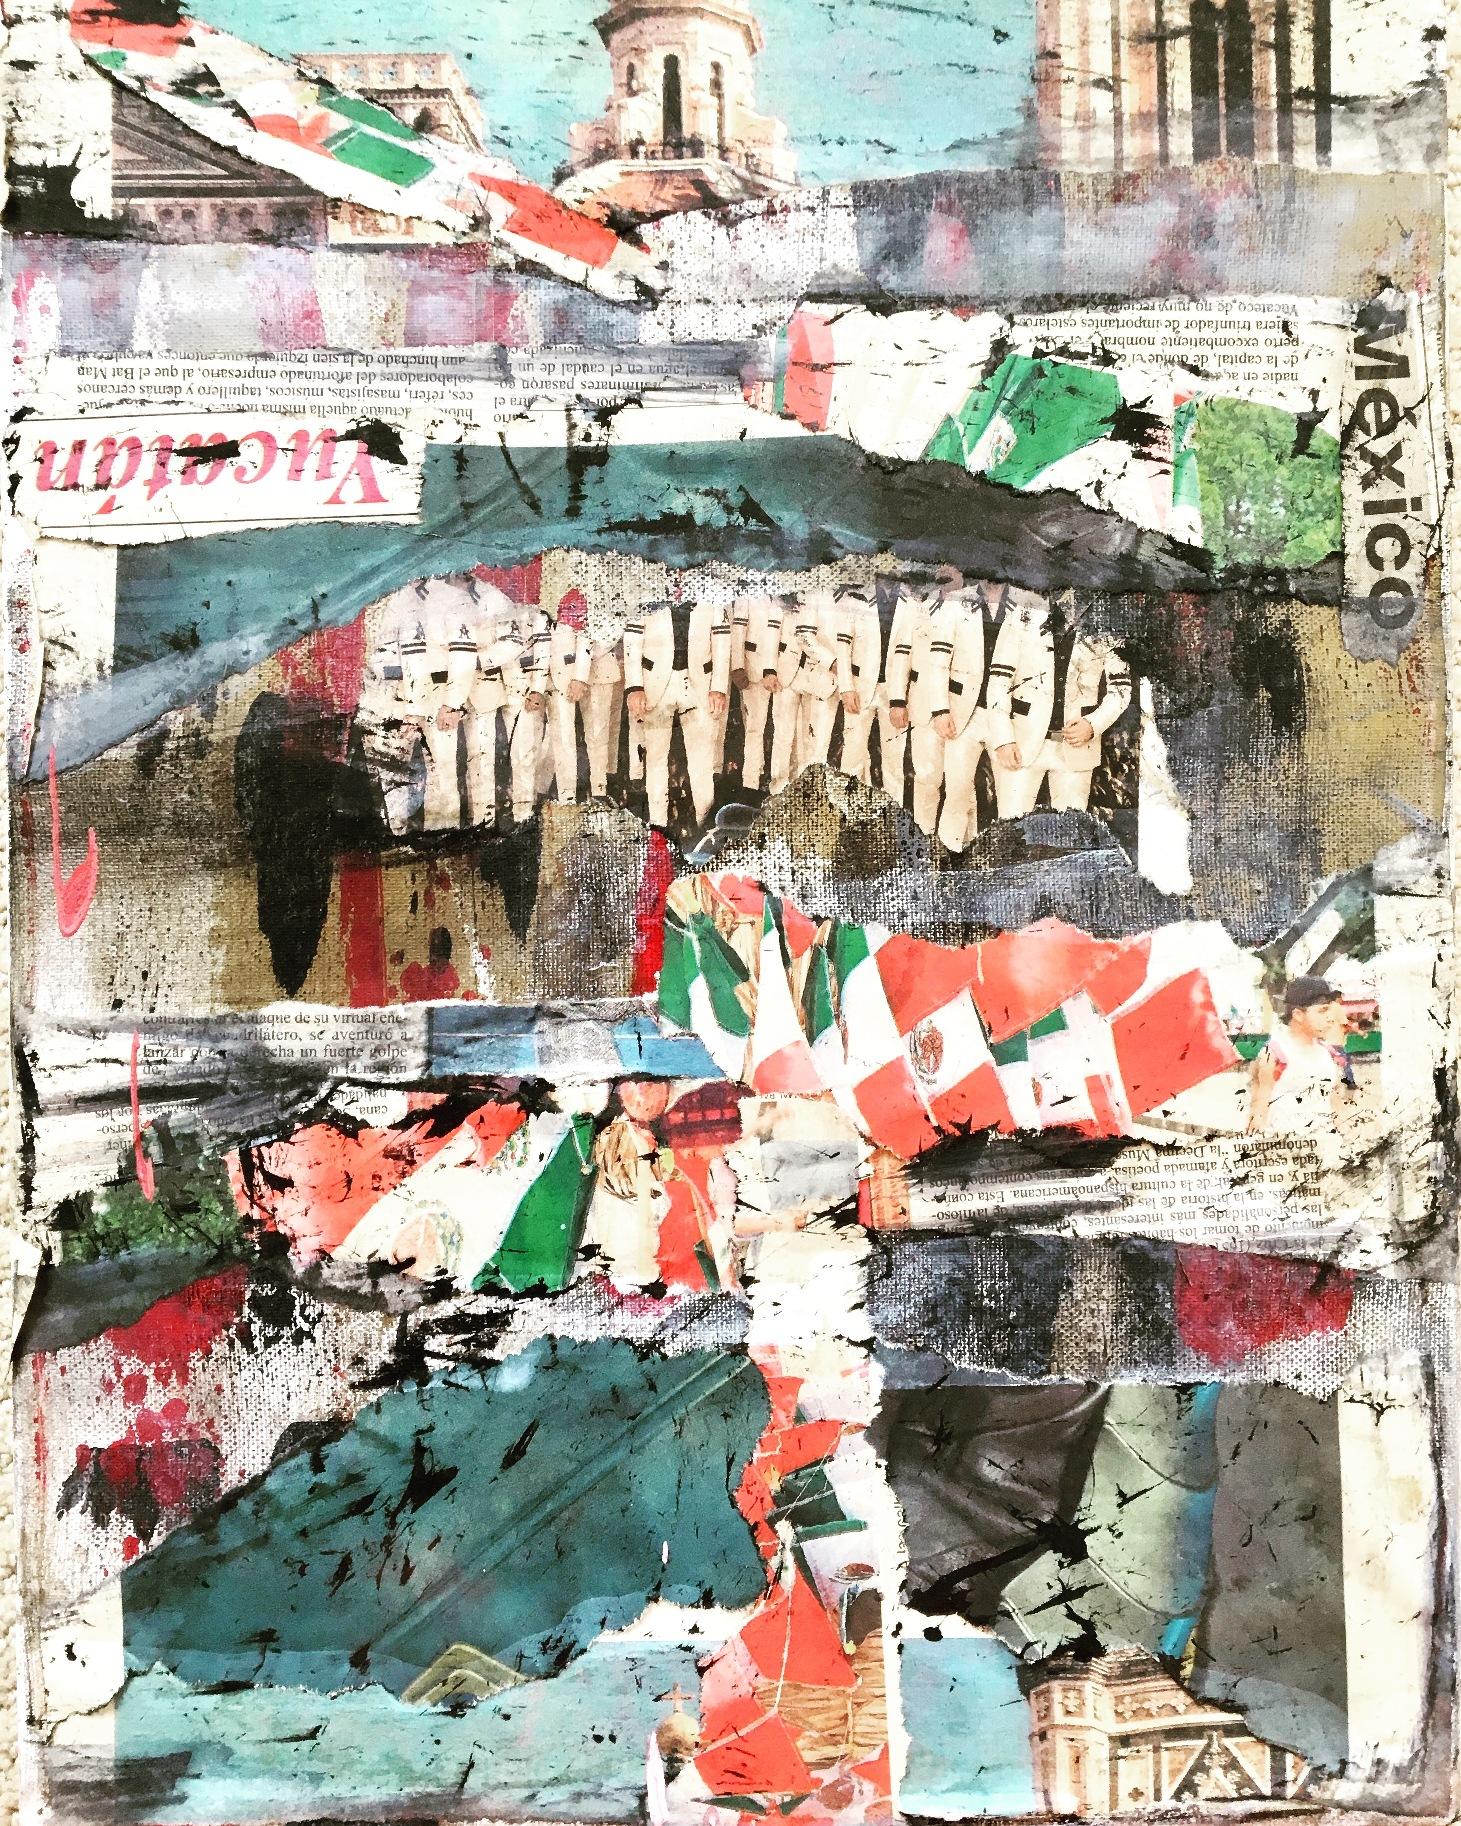 Mexico  - 14 x 11 - mixed media